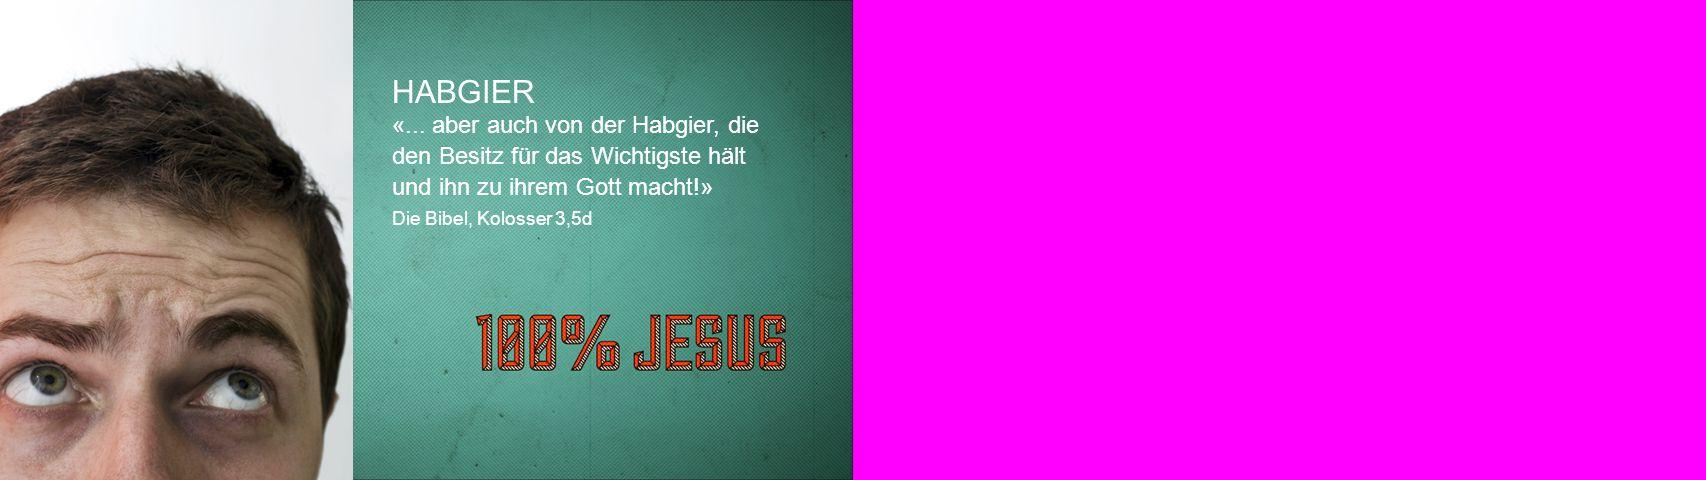 HABGIER «... aber auch von der Habgier, die den Besitz für das Wichtigste hält und ihn zu ihrem Gott macht!» Die Bibel, Kolosser 3,5d